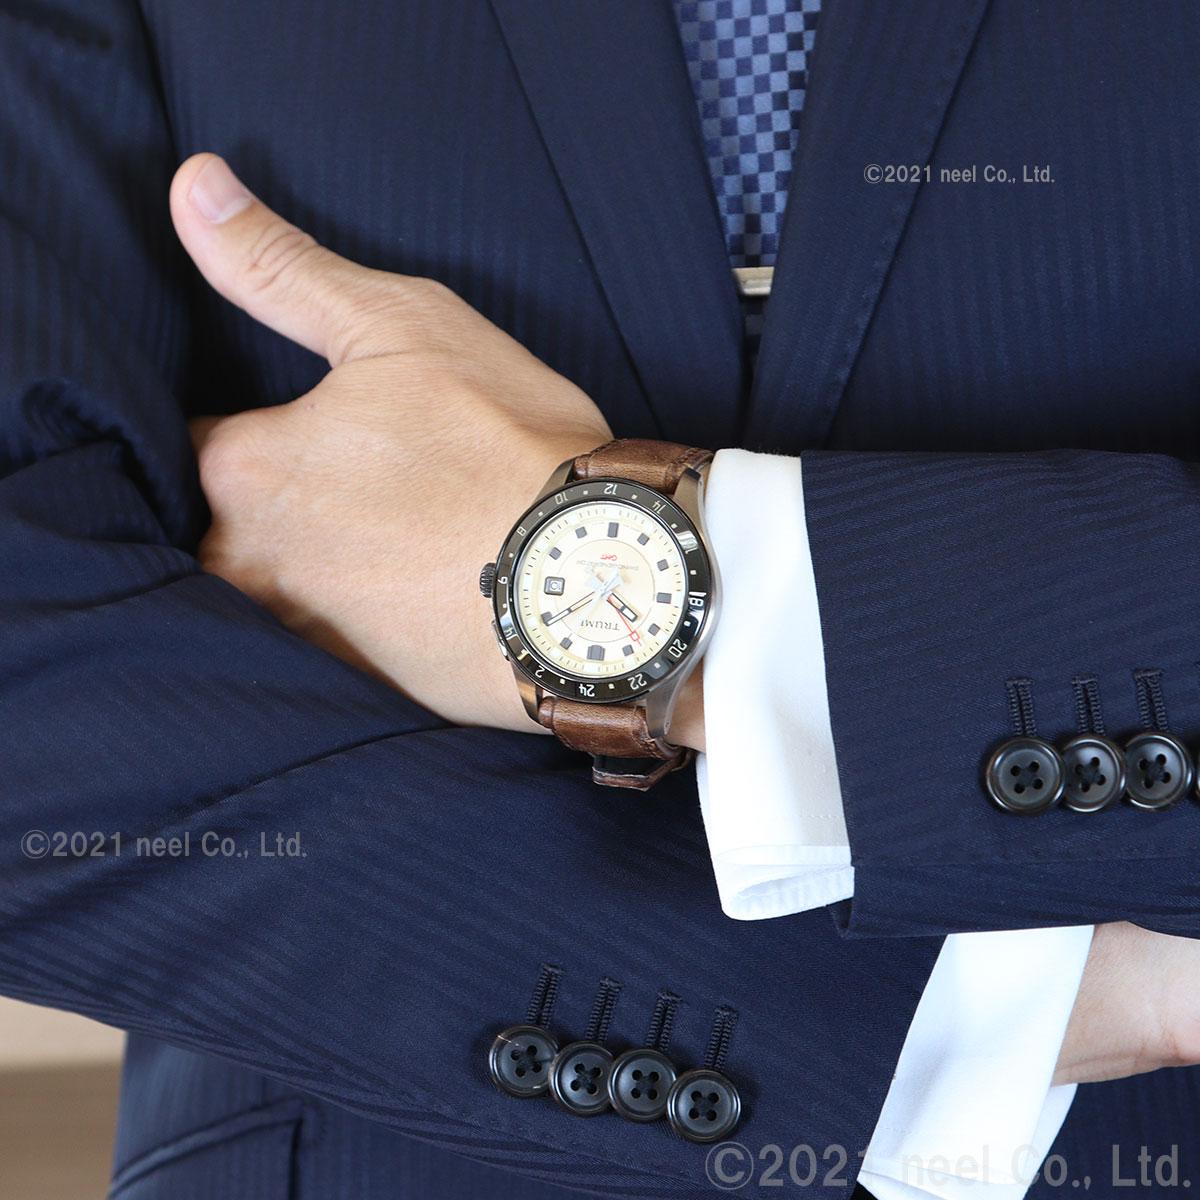 エプソン トゥルーム EPSON TRUME 腕時計 メンズ SWING GENERATOR L Collection Break Line TR-ME2004X